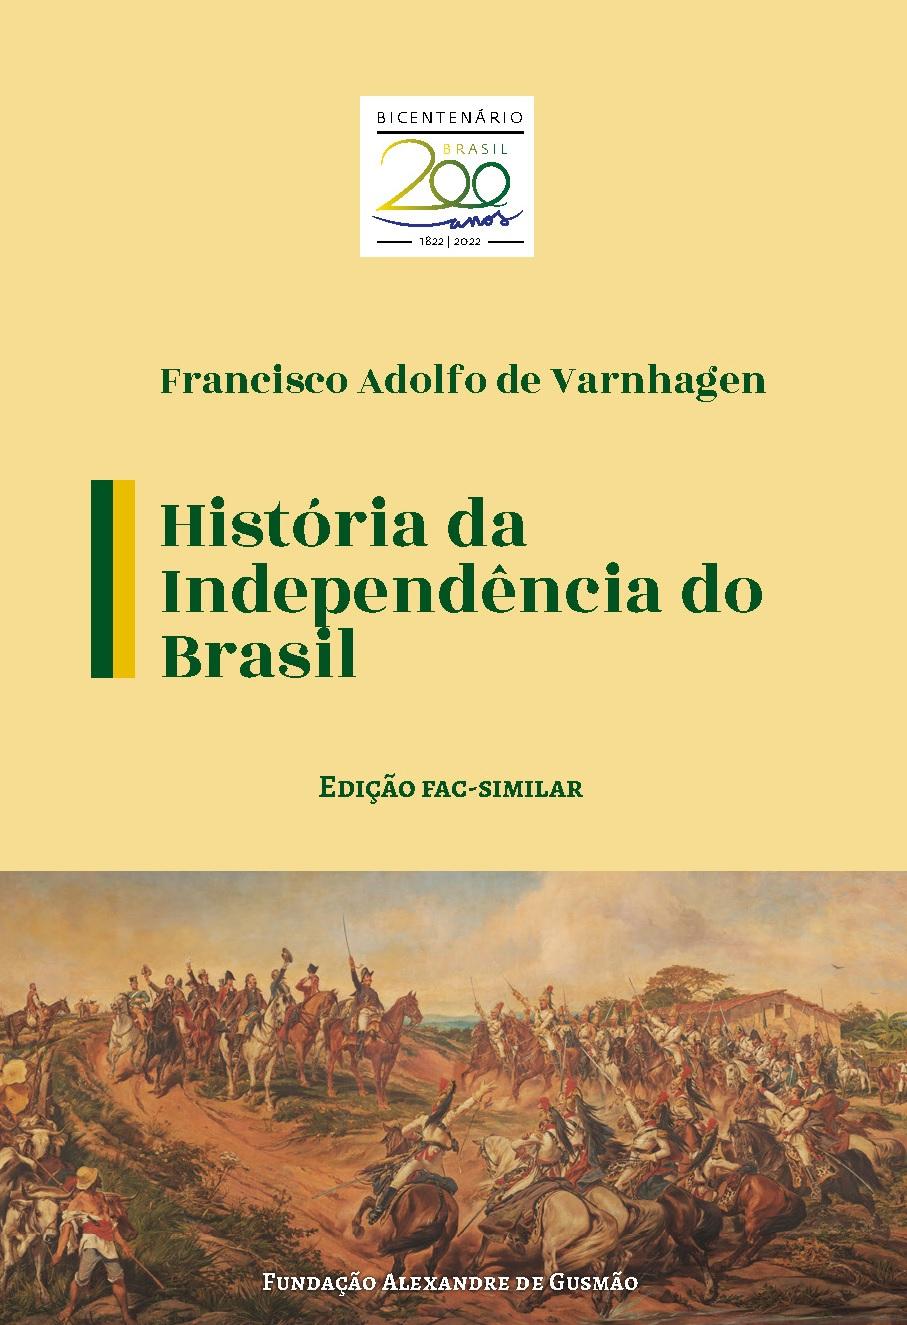 História da Independência do Brasil - Ed. fac-similar